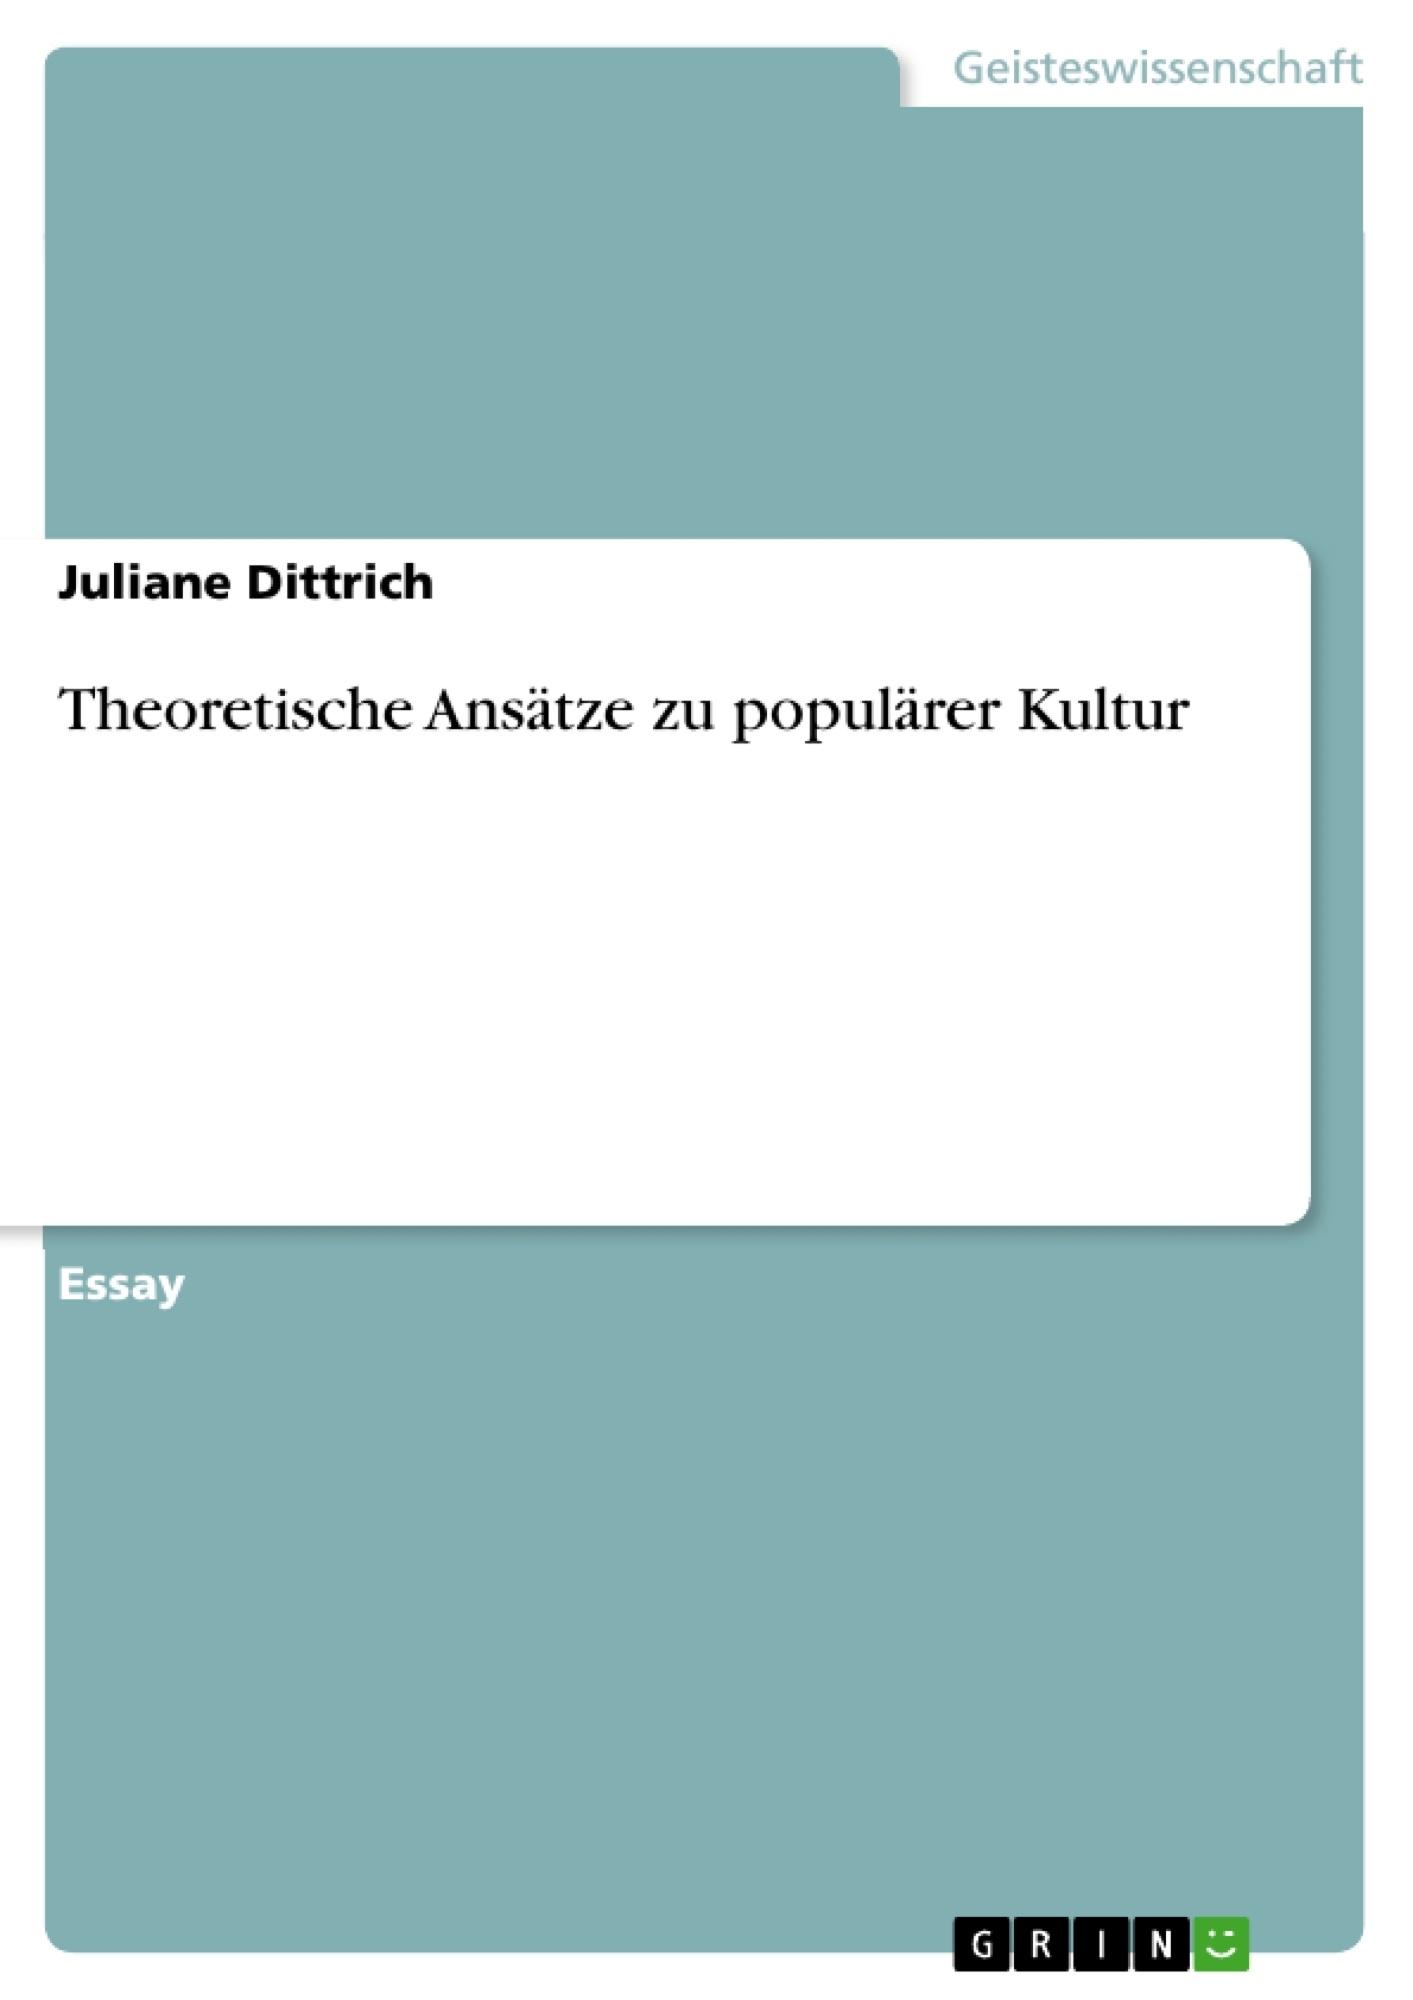 Titel: Theoretische Ansätze zu populärer Kultur